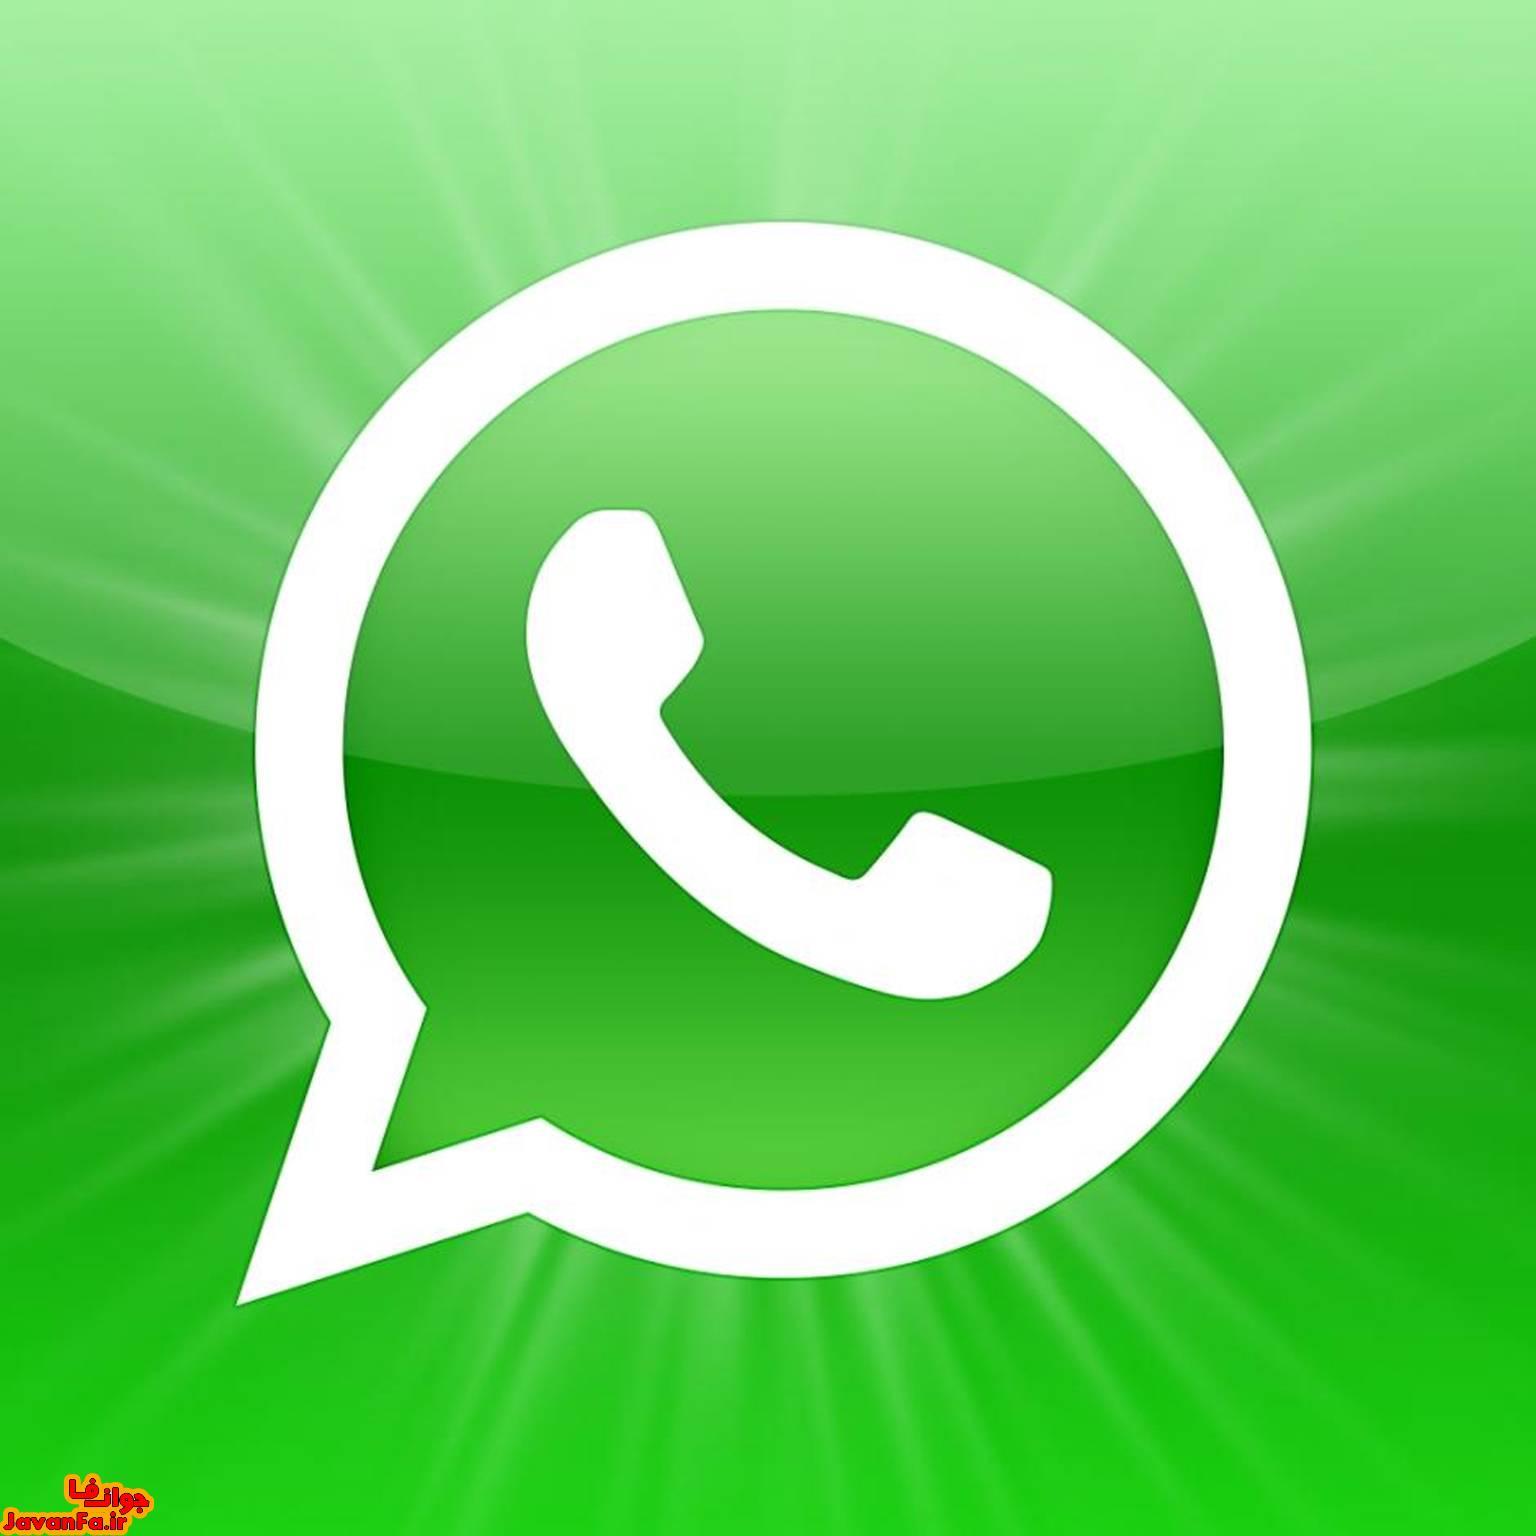 حذف فایلهای تصویری ذخیره شده در اپلیکیشن WhatsApp و جلوگیری از ذخیرهی خودکار آنها در اندروید